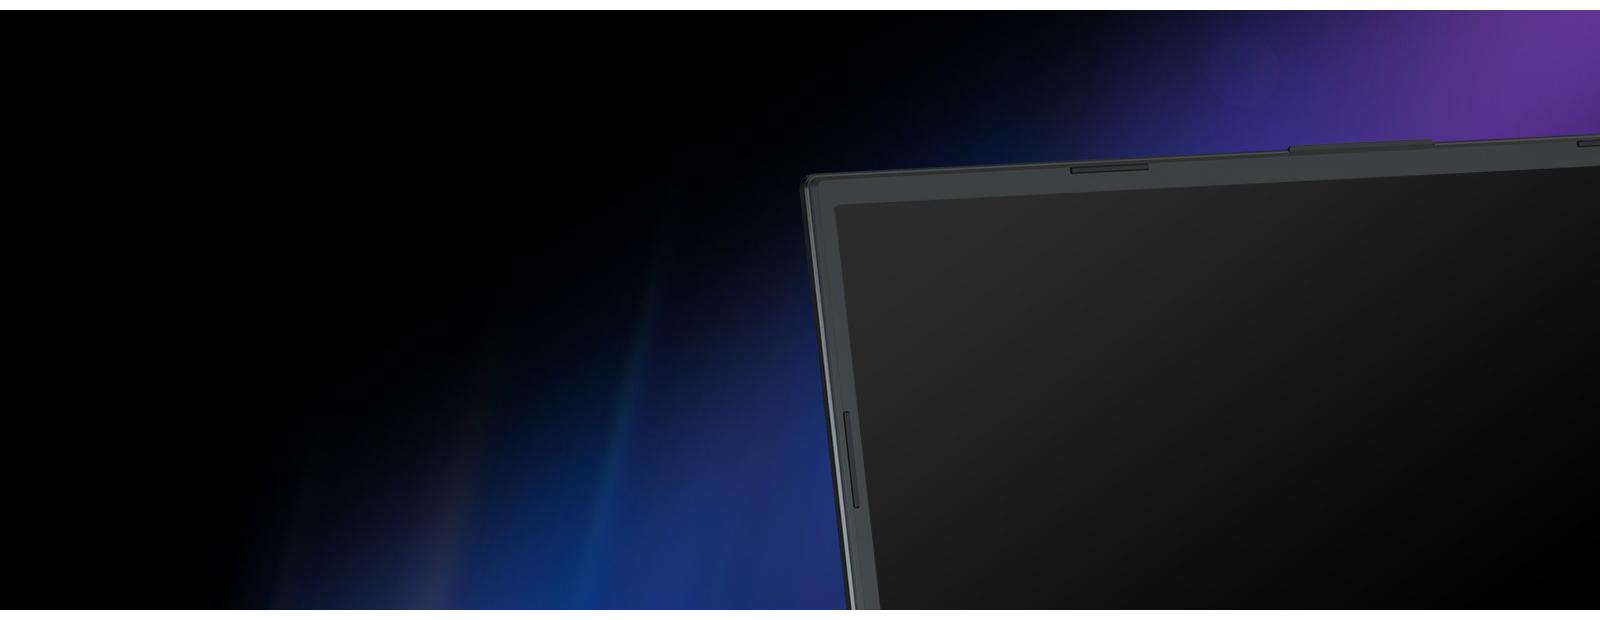 Asus Gaming ROG Strix G512-3